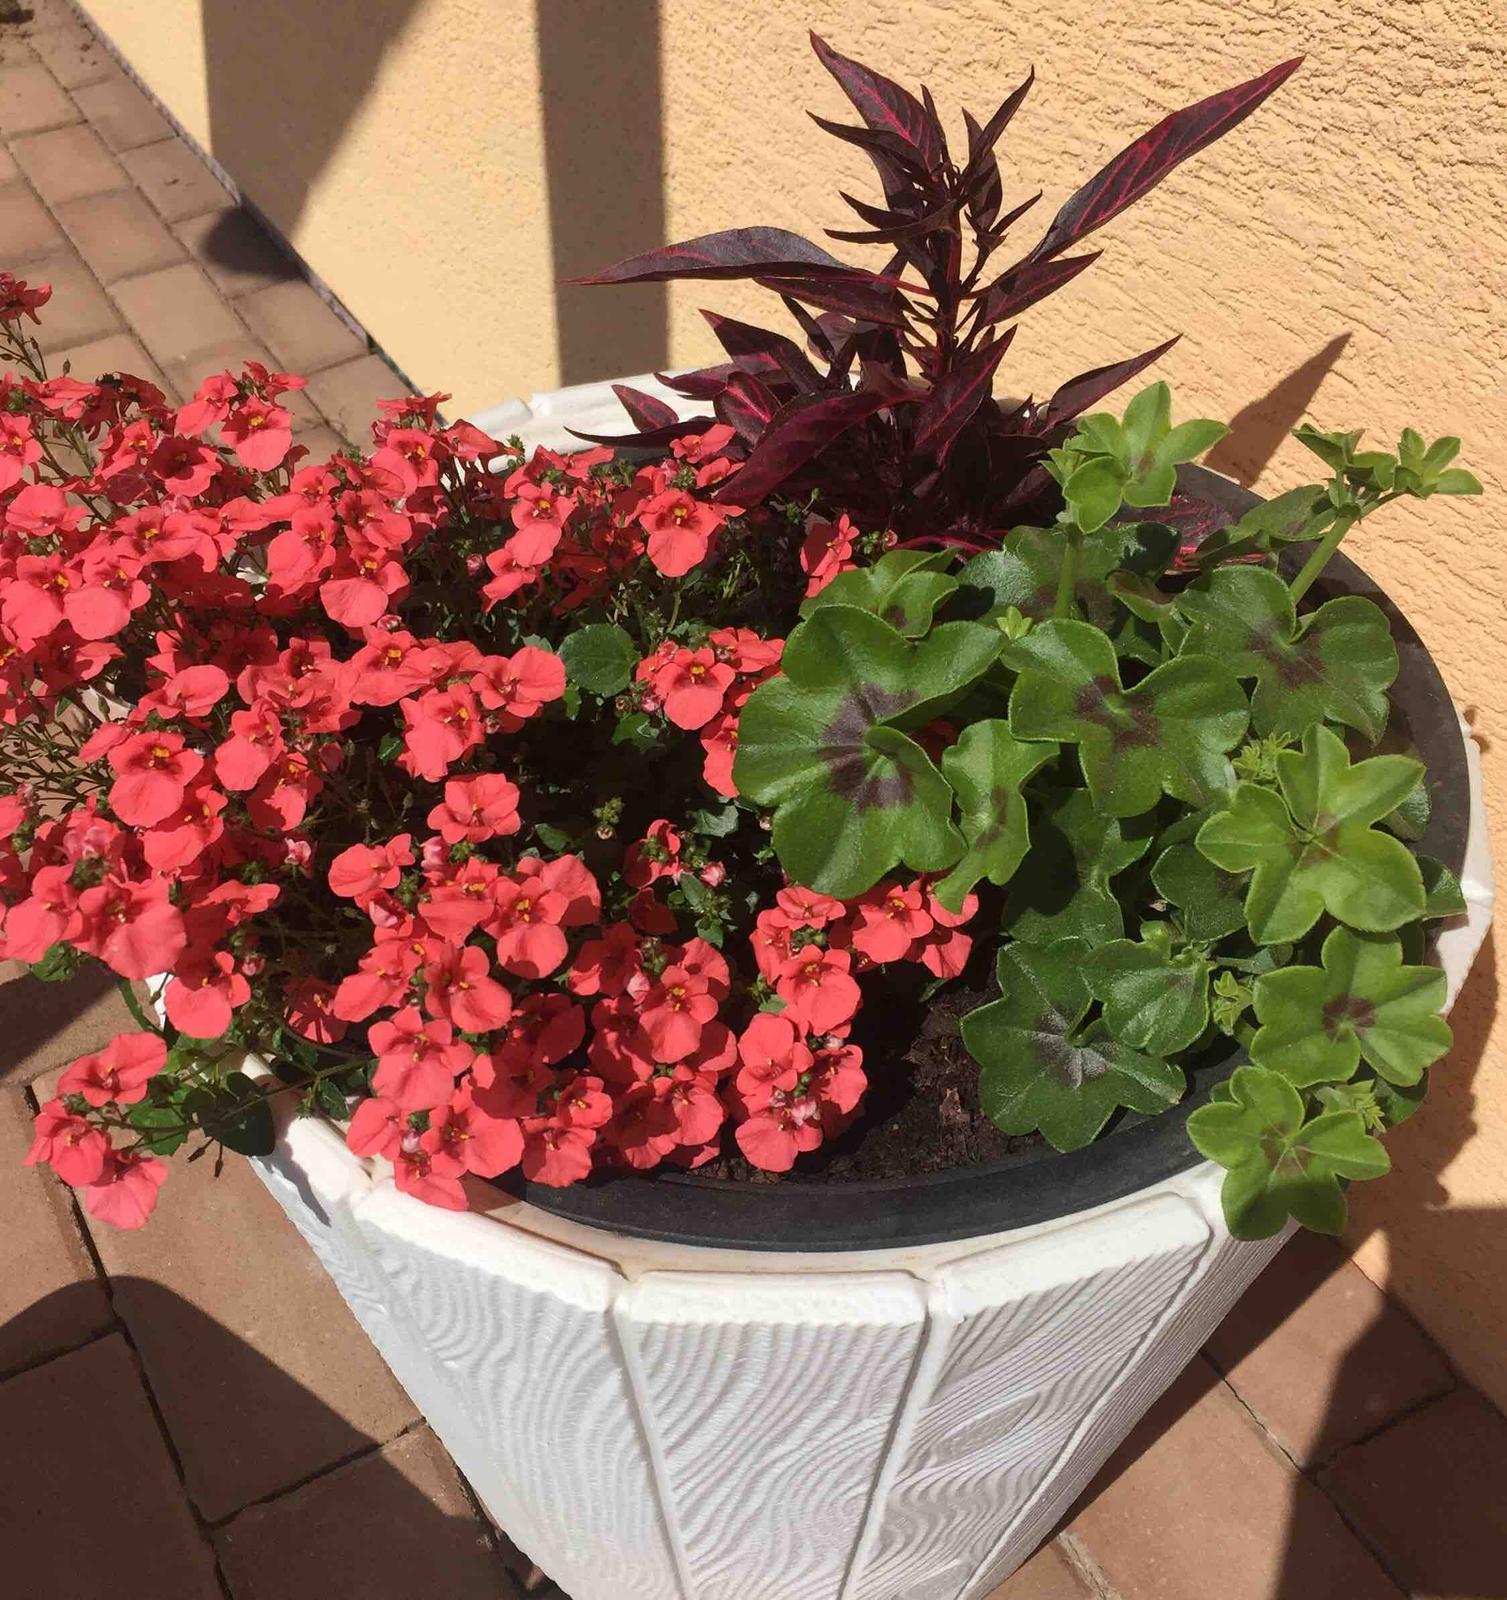 Naše barevná zahrada 🌸 - Tady už vše také povyskočilo